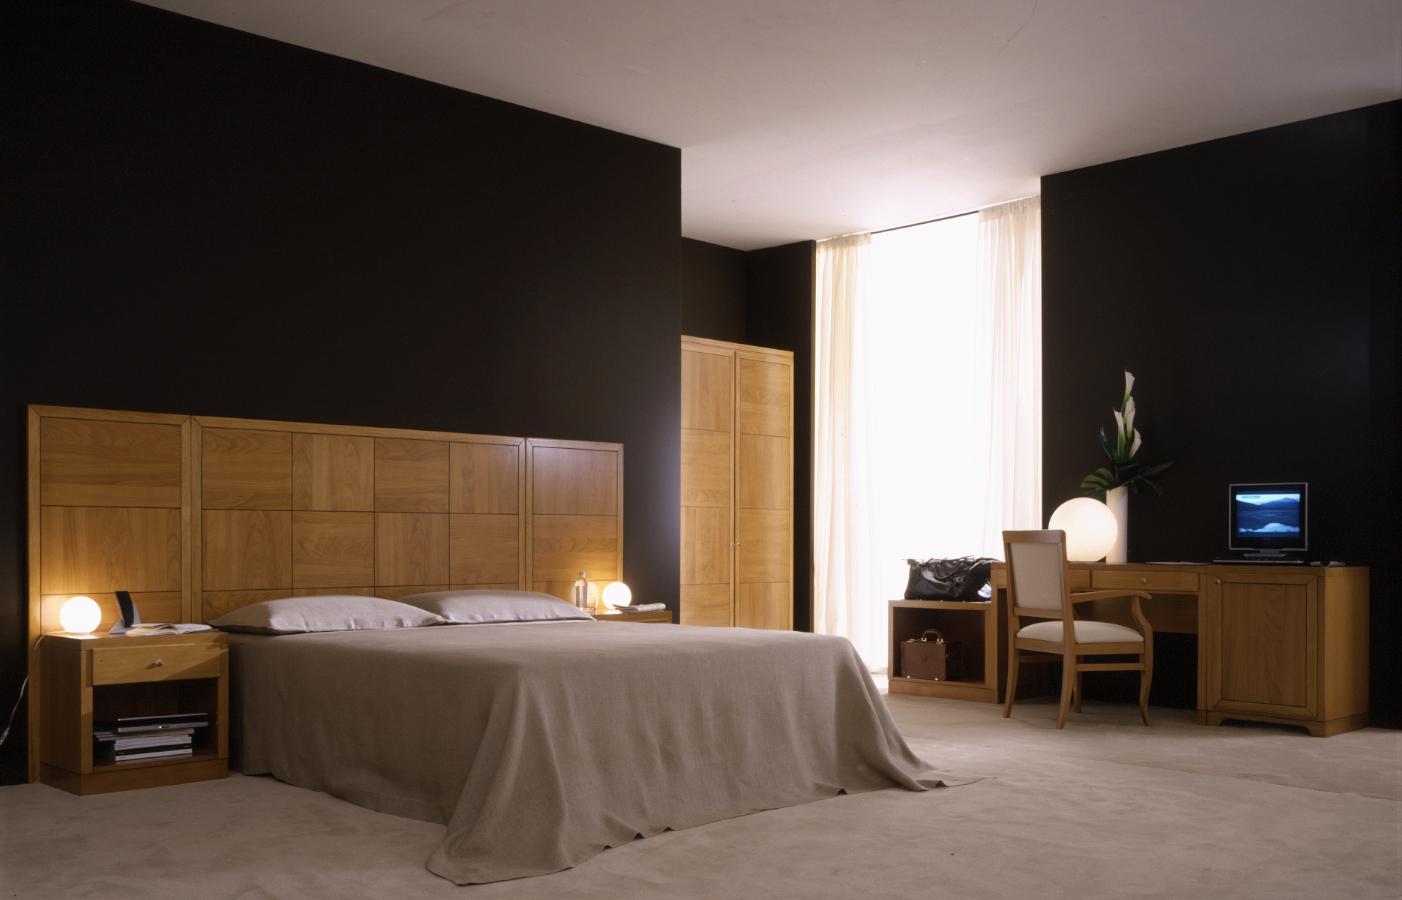 Hotelkamers, Modern, 5.0 - 100.0 stuks